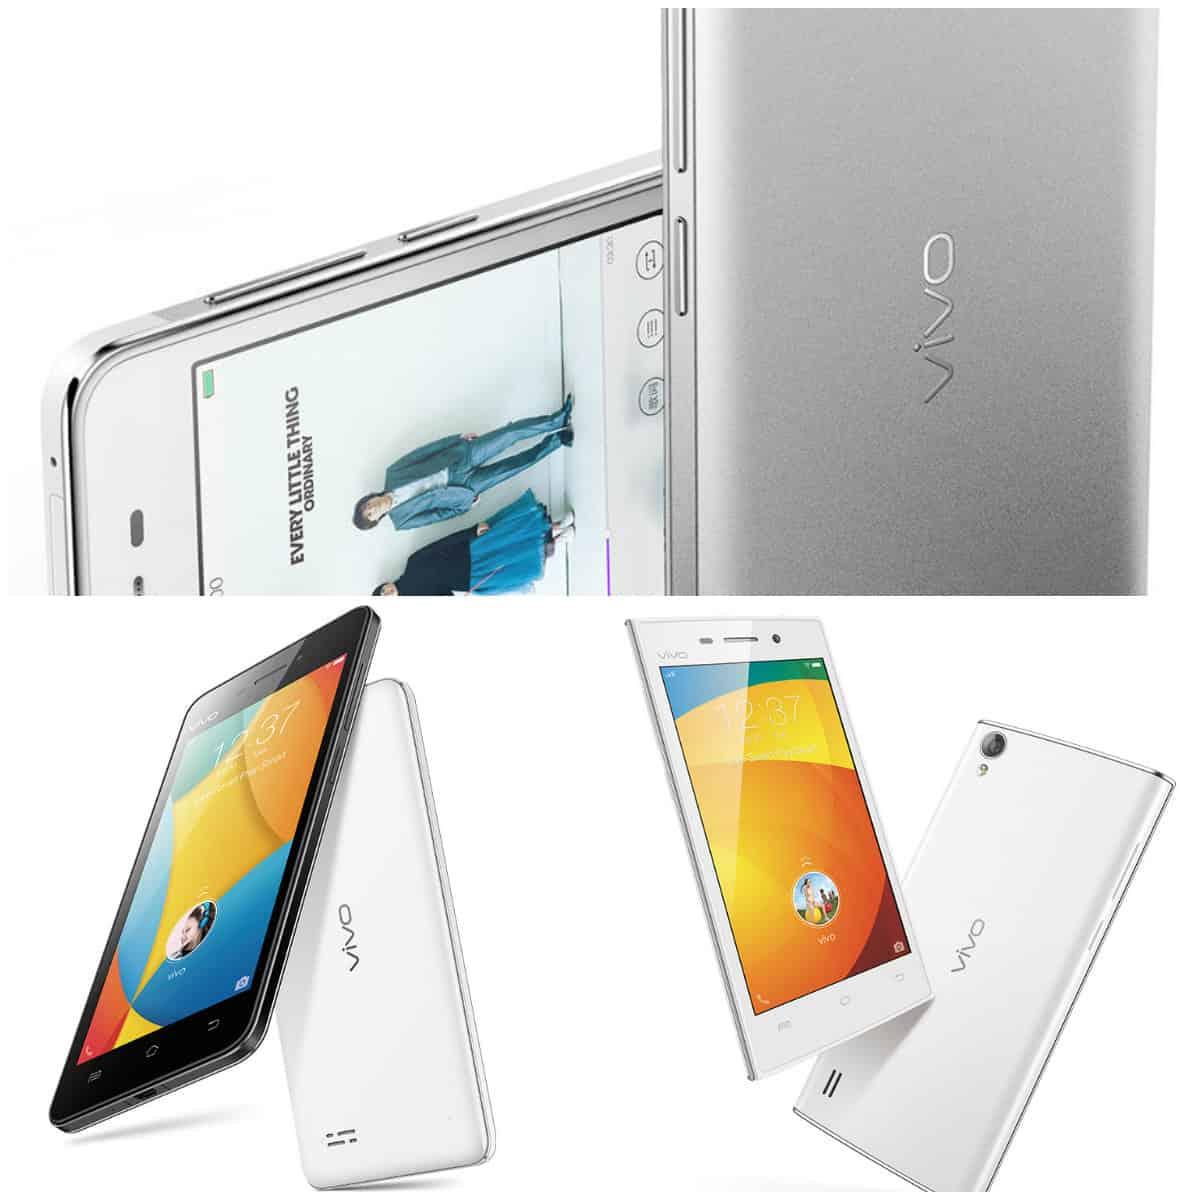 Vivo India three new devices_1